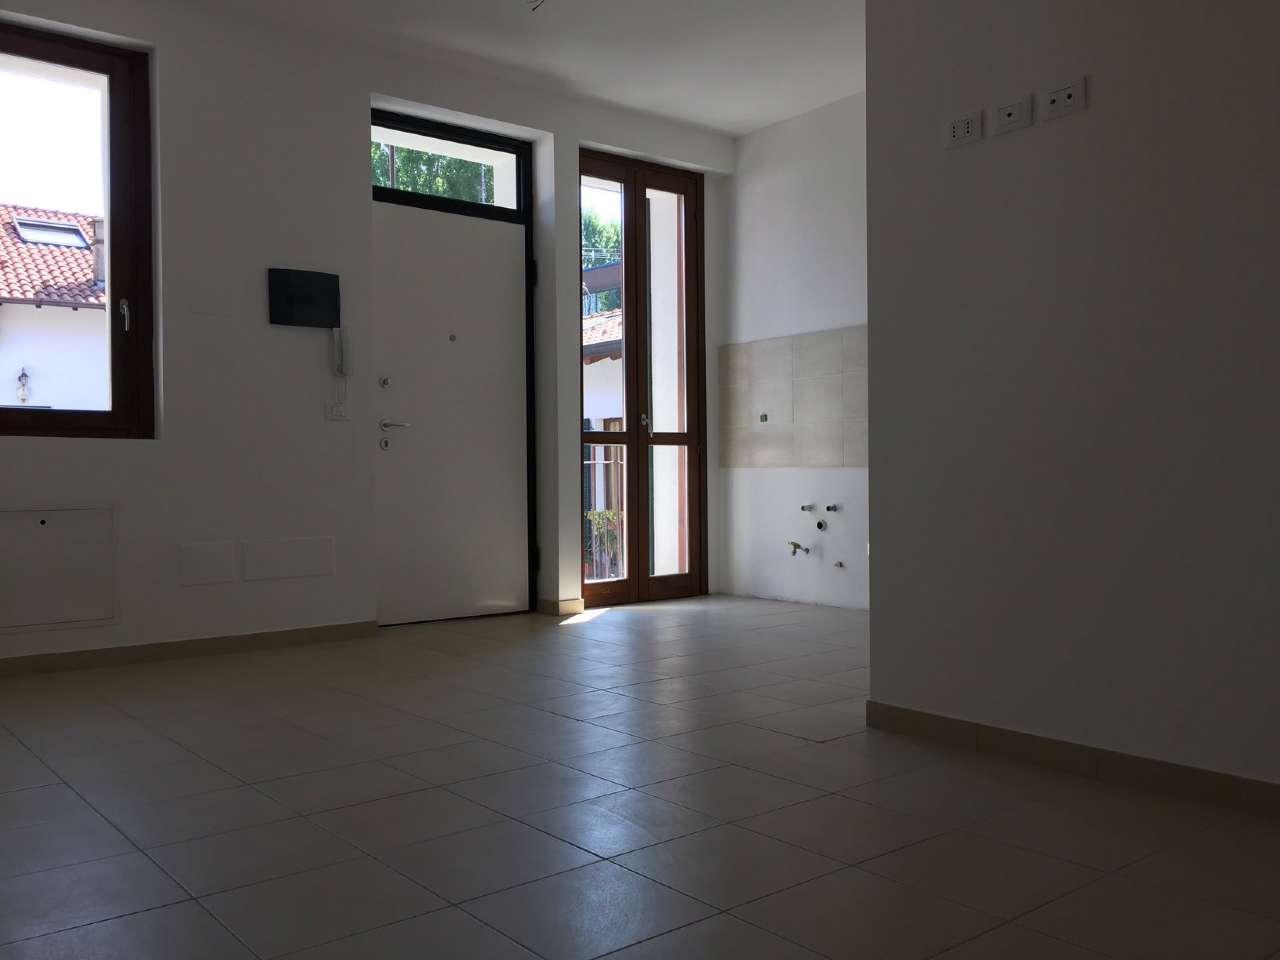 Appartamento in vendita a Gessate, 3 locali, prezzo € 121.000 | CambioCasa.it